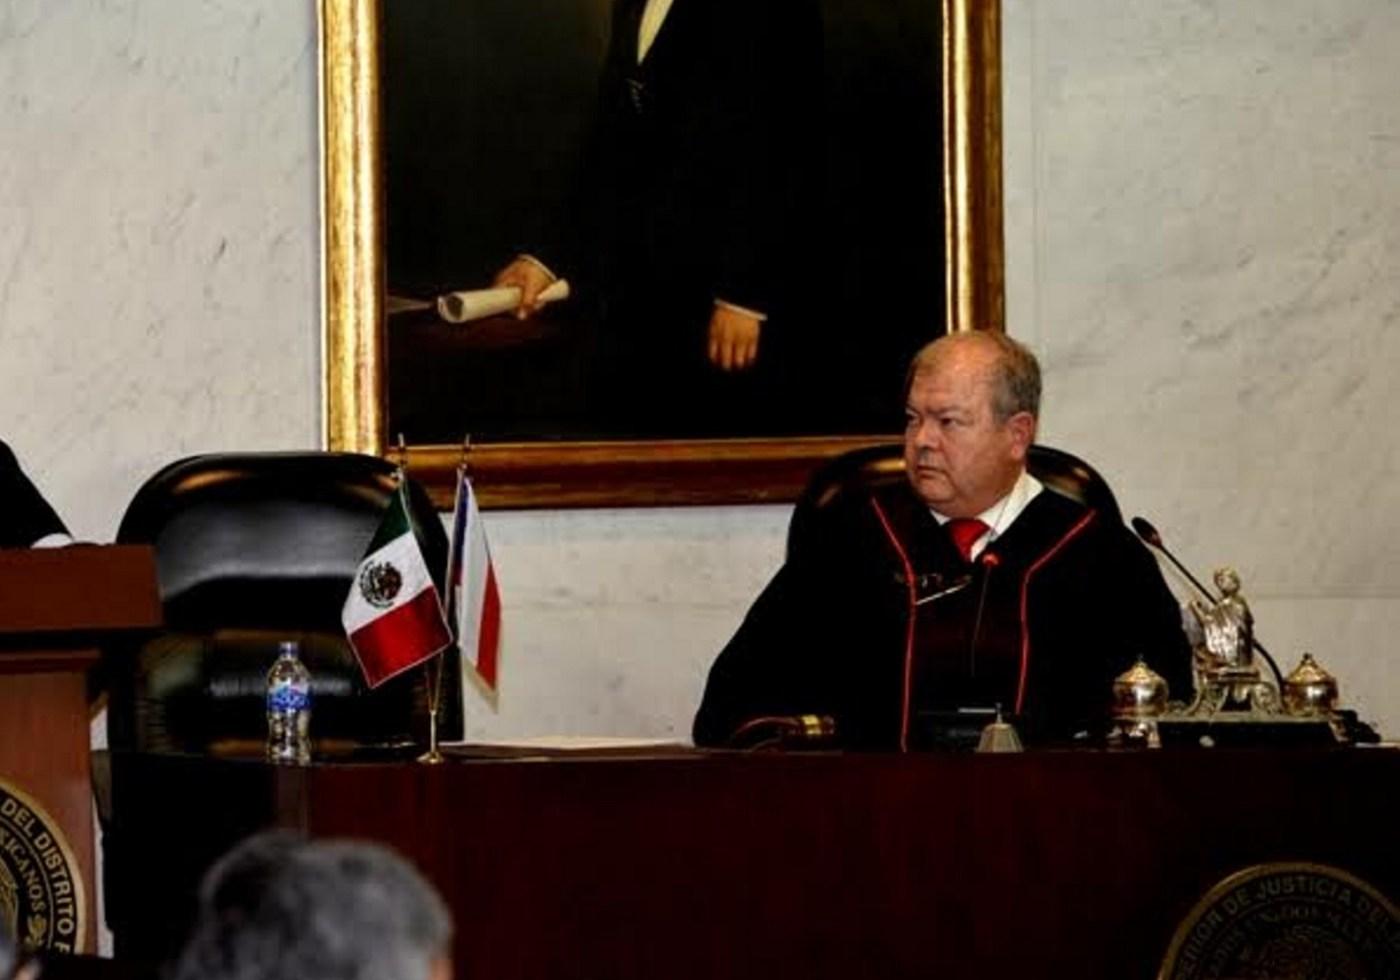 Edgar Elías Azar participa en un evento; el doctor es postulado como embajador de México en Países Bajos (NTX, archivo)